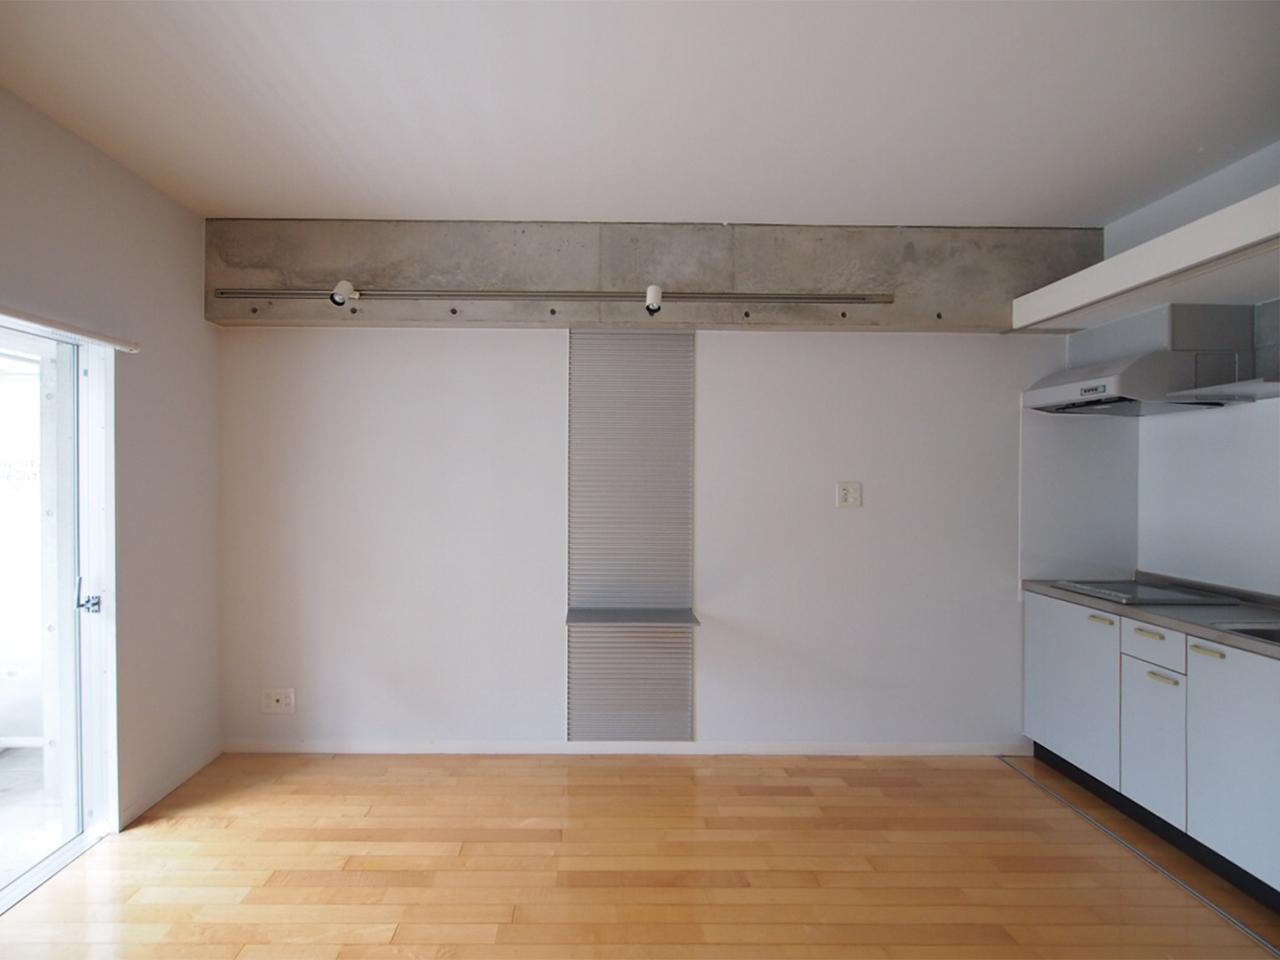 壁面棚は棚板の位置を変更できます